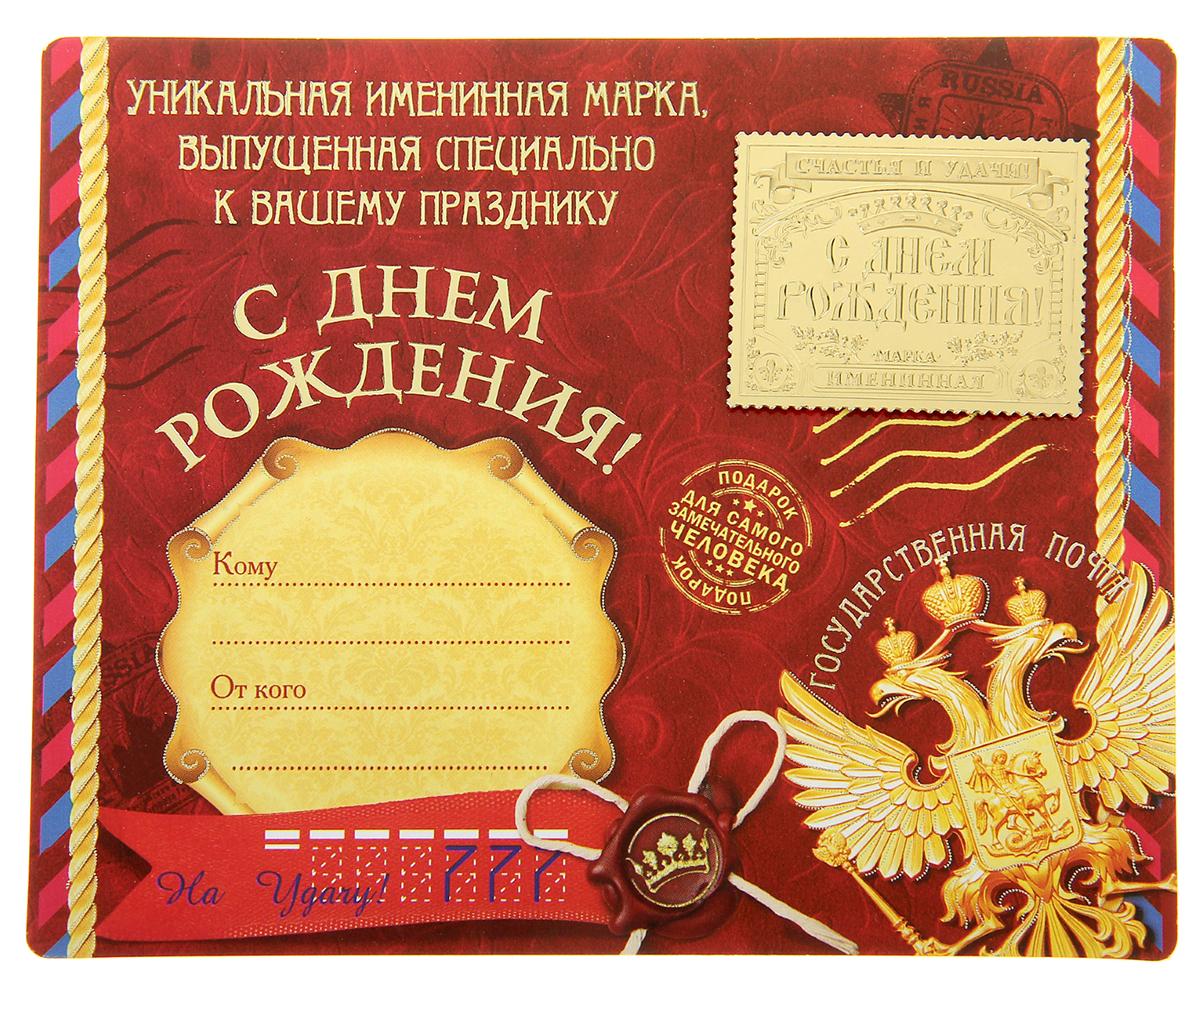 Рождением, открытка с днем рождения марка родителям